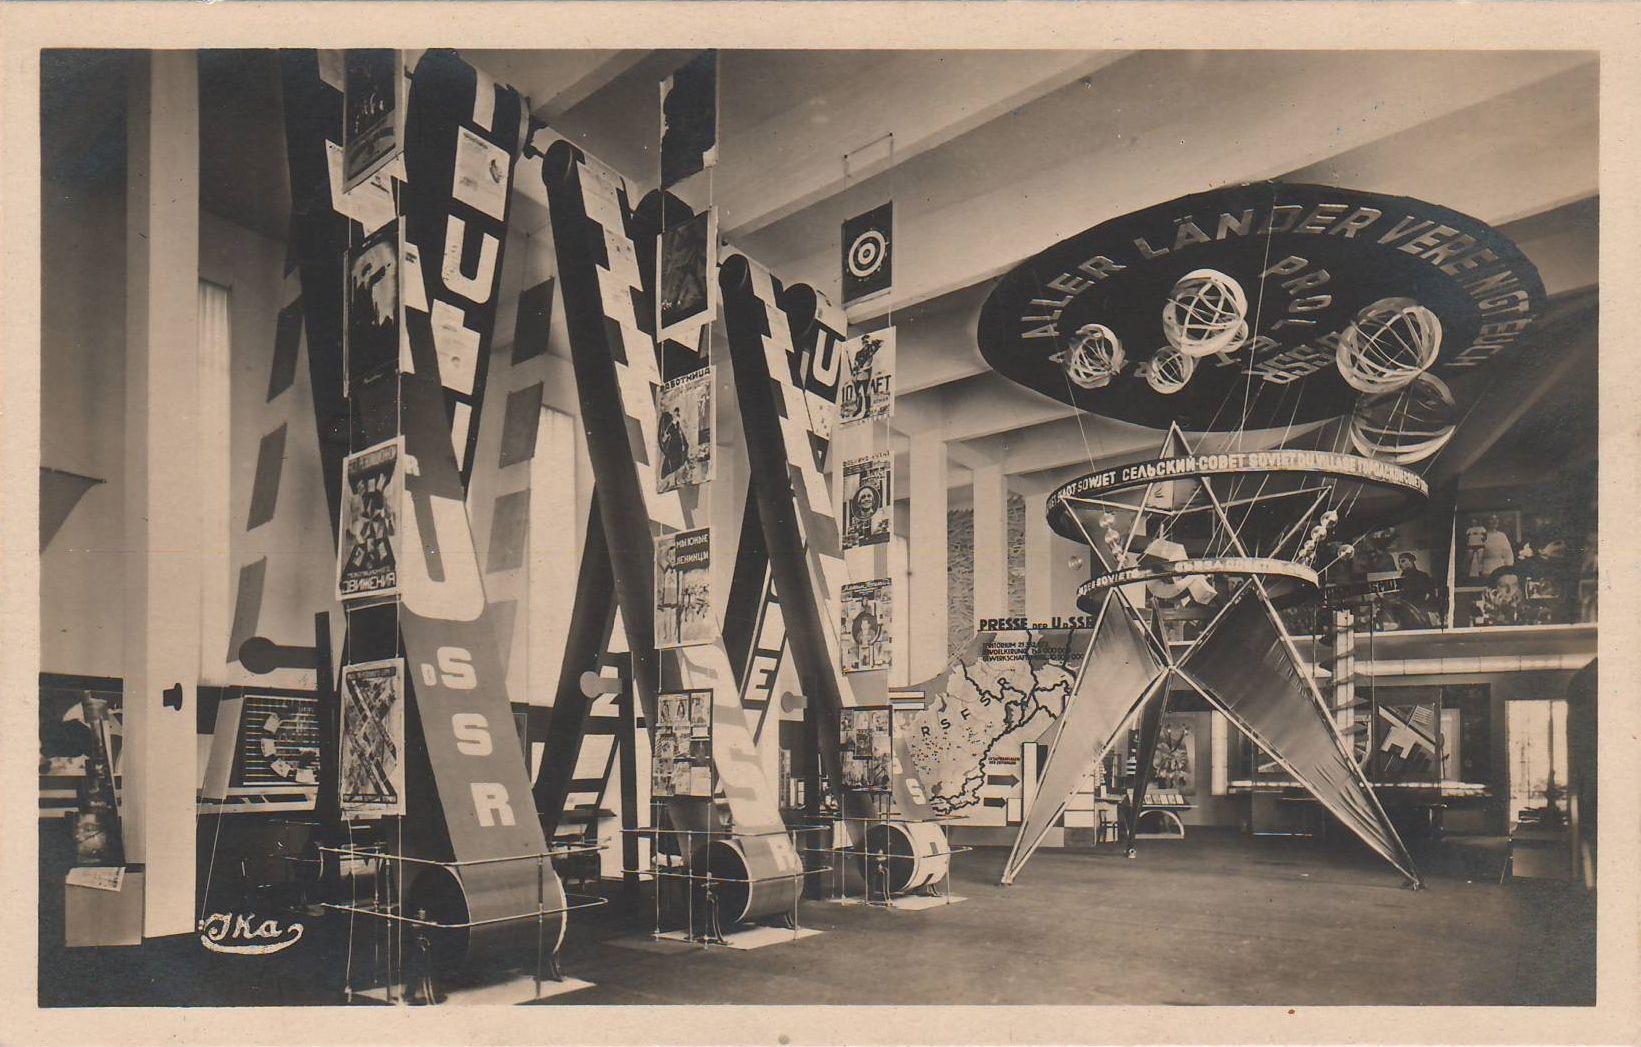 Lissitzky el pavillon der udssr auf der pressa inneres köln